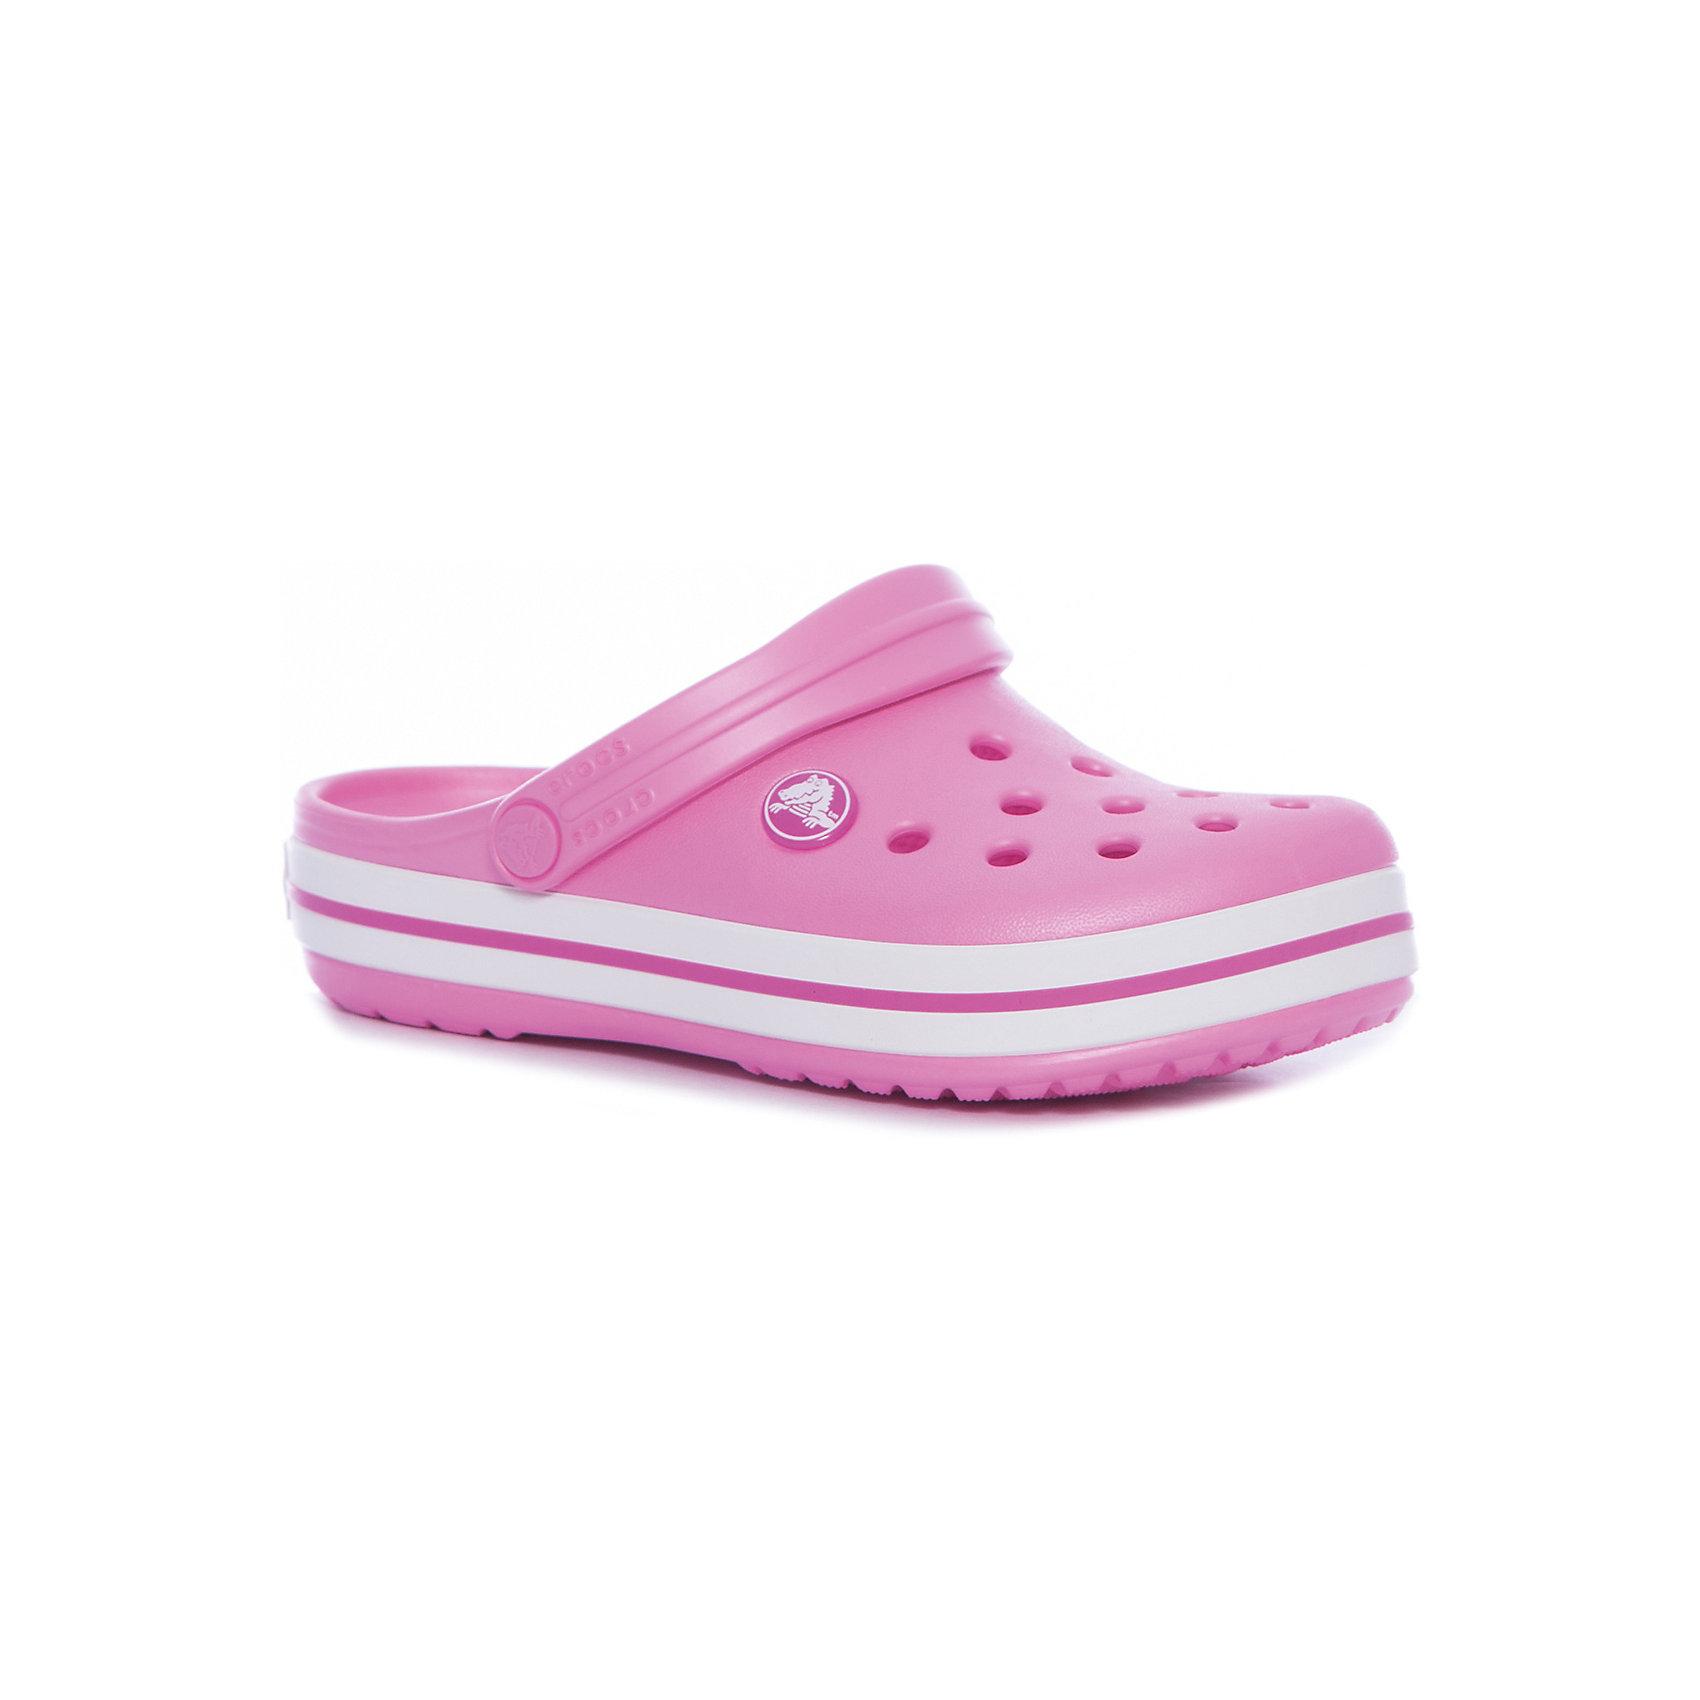 Сабо Crocband™ clog, розовыйПляжная обувь<br>Характеристики товара:<br><br>• цвет: розовый<br>• материал: 100% полимер Croslite™<br>• литая модель<br>• вентиляционные отверстия<br>• бактериостатичный материал<br>• пяточный ремешок фиксирует стопу<br>• толстая устойчивая подошва<br>• отверстия для использования украшений<br>• анатомическая стелька с массажными точками стимулирует кровообращение<br>• страна бренда: США<br>• страна изготовитель: Китай<br><br>Для правильного развития ребенка крайне важно, чтобы обувь была удобной. <br><br>Такие сабо обеспечивают детям необходимый комфорт, а анатомическая стелька с массажными линиями для стимуляции кровообращения позволяет ножкам дольше не уставать. <br><br>Сабо легко надеваются и снимаются, отлично сидят на ноге. <br><br>Материал, из которого они сделаны, не дает размножаться бактериям, поэтому такая обувь препятствует образованию неприятного запаха и появлению болезней стоп.<br><br>Обувь от американского бренда Crocs в данный момент завоевала широкую популярность во всем мире, и это не удивительно - ведь она невероятно удобна. <br><br>Её носят врачи, спортсмены, звёзды шоу-бизнеса, люди, которым много времени приходится бывать на ногах - они понимают, как важна комфортная обувь. <br><br>Продукция Crocs - это качественные товары, созданные с применением новейших технологий. <br><br>Обувь отличается стильным дизайном и продуманной конструкцией. <br><br>Изделие производится из качественных и проверенных материалов, которые безопасны для детей.<br><br>Сабо Crocband™ clog от торговой марки Crocs можно купить в нашем интернет-магазине.<br><br>Ширина мм: 225<br>Глубина мм: 139<br>Высота мм: 112<br>Вес г: 290<br>Цвет: розовый<br>Возраст от месяцев: 48<br>Возраст до месяцев: 60<br>Пол: Унисекс<br>Возраст: Детский<br>Размер: 28,29,30,21,22,23,24,25,26,31/32,33/34,34/35,27<br>SKU: 5416510